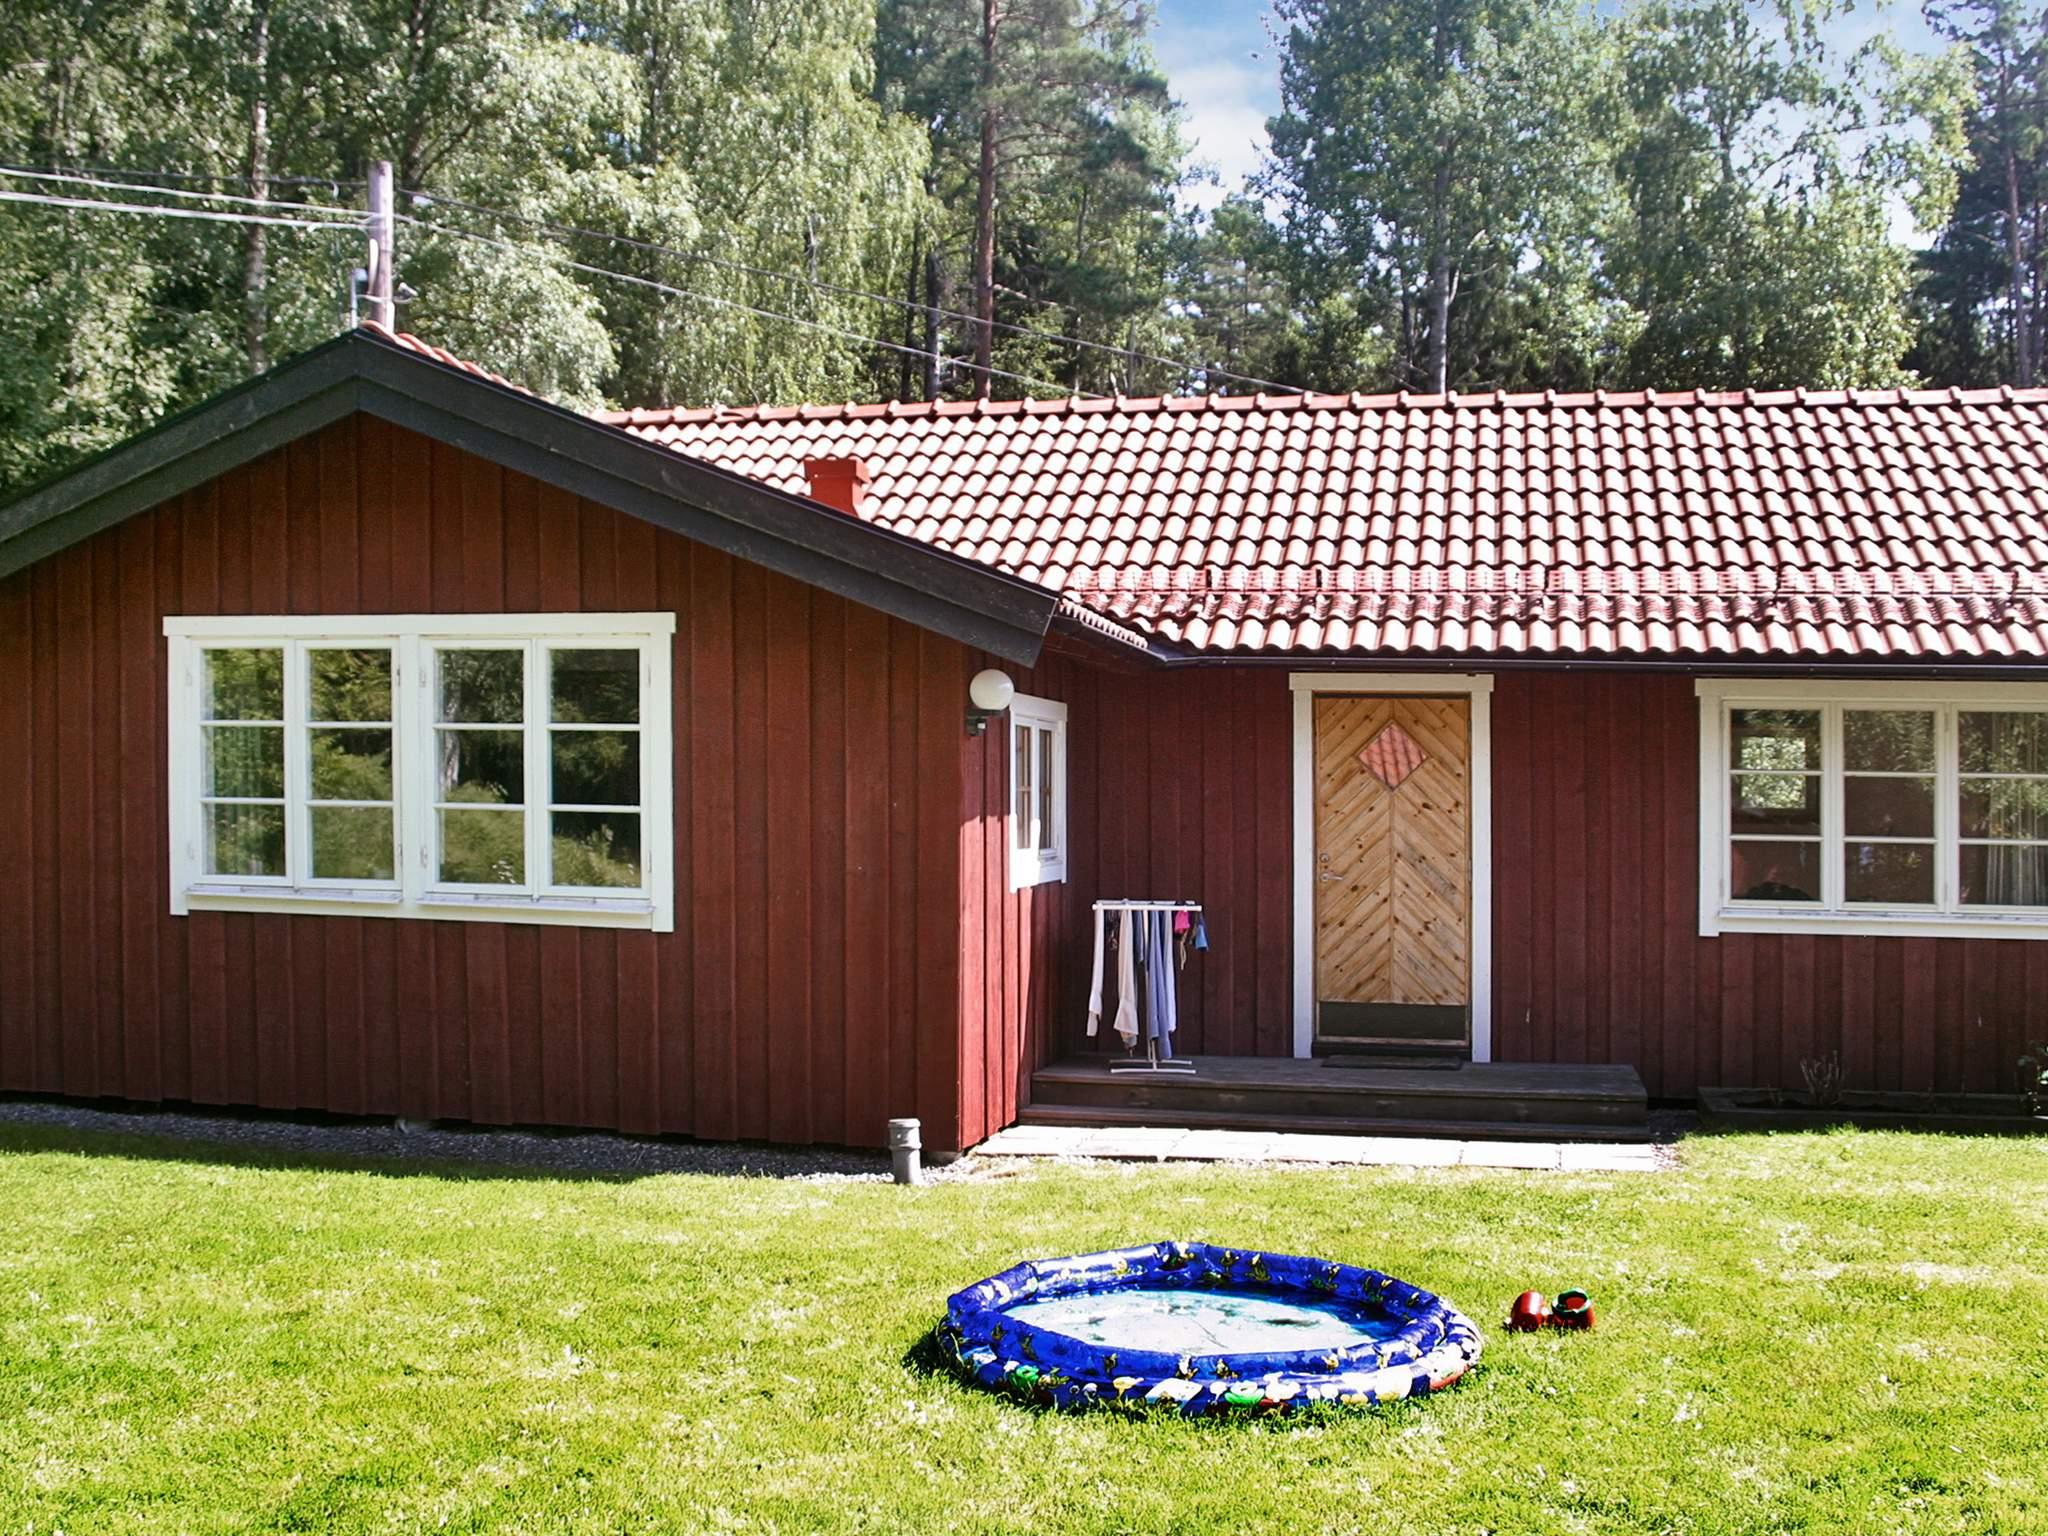 Ferienhaus Köping (953852), Köping, Västmanlands län, Mittelschweden, Schweden, Bild 21